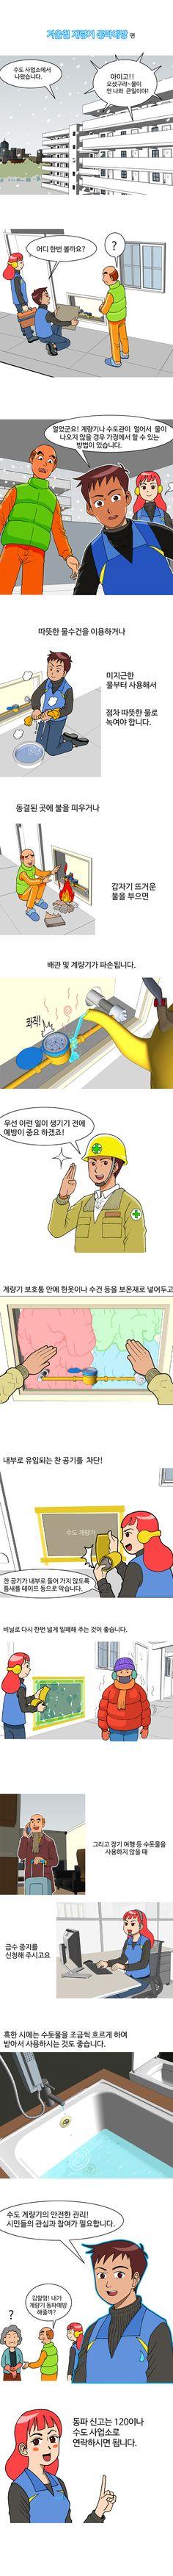 아리수 웹툰 5화 - 겨울철 계량기 동파예방 편